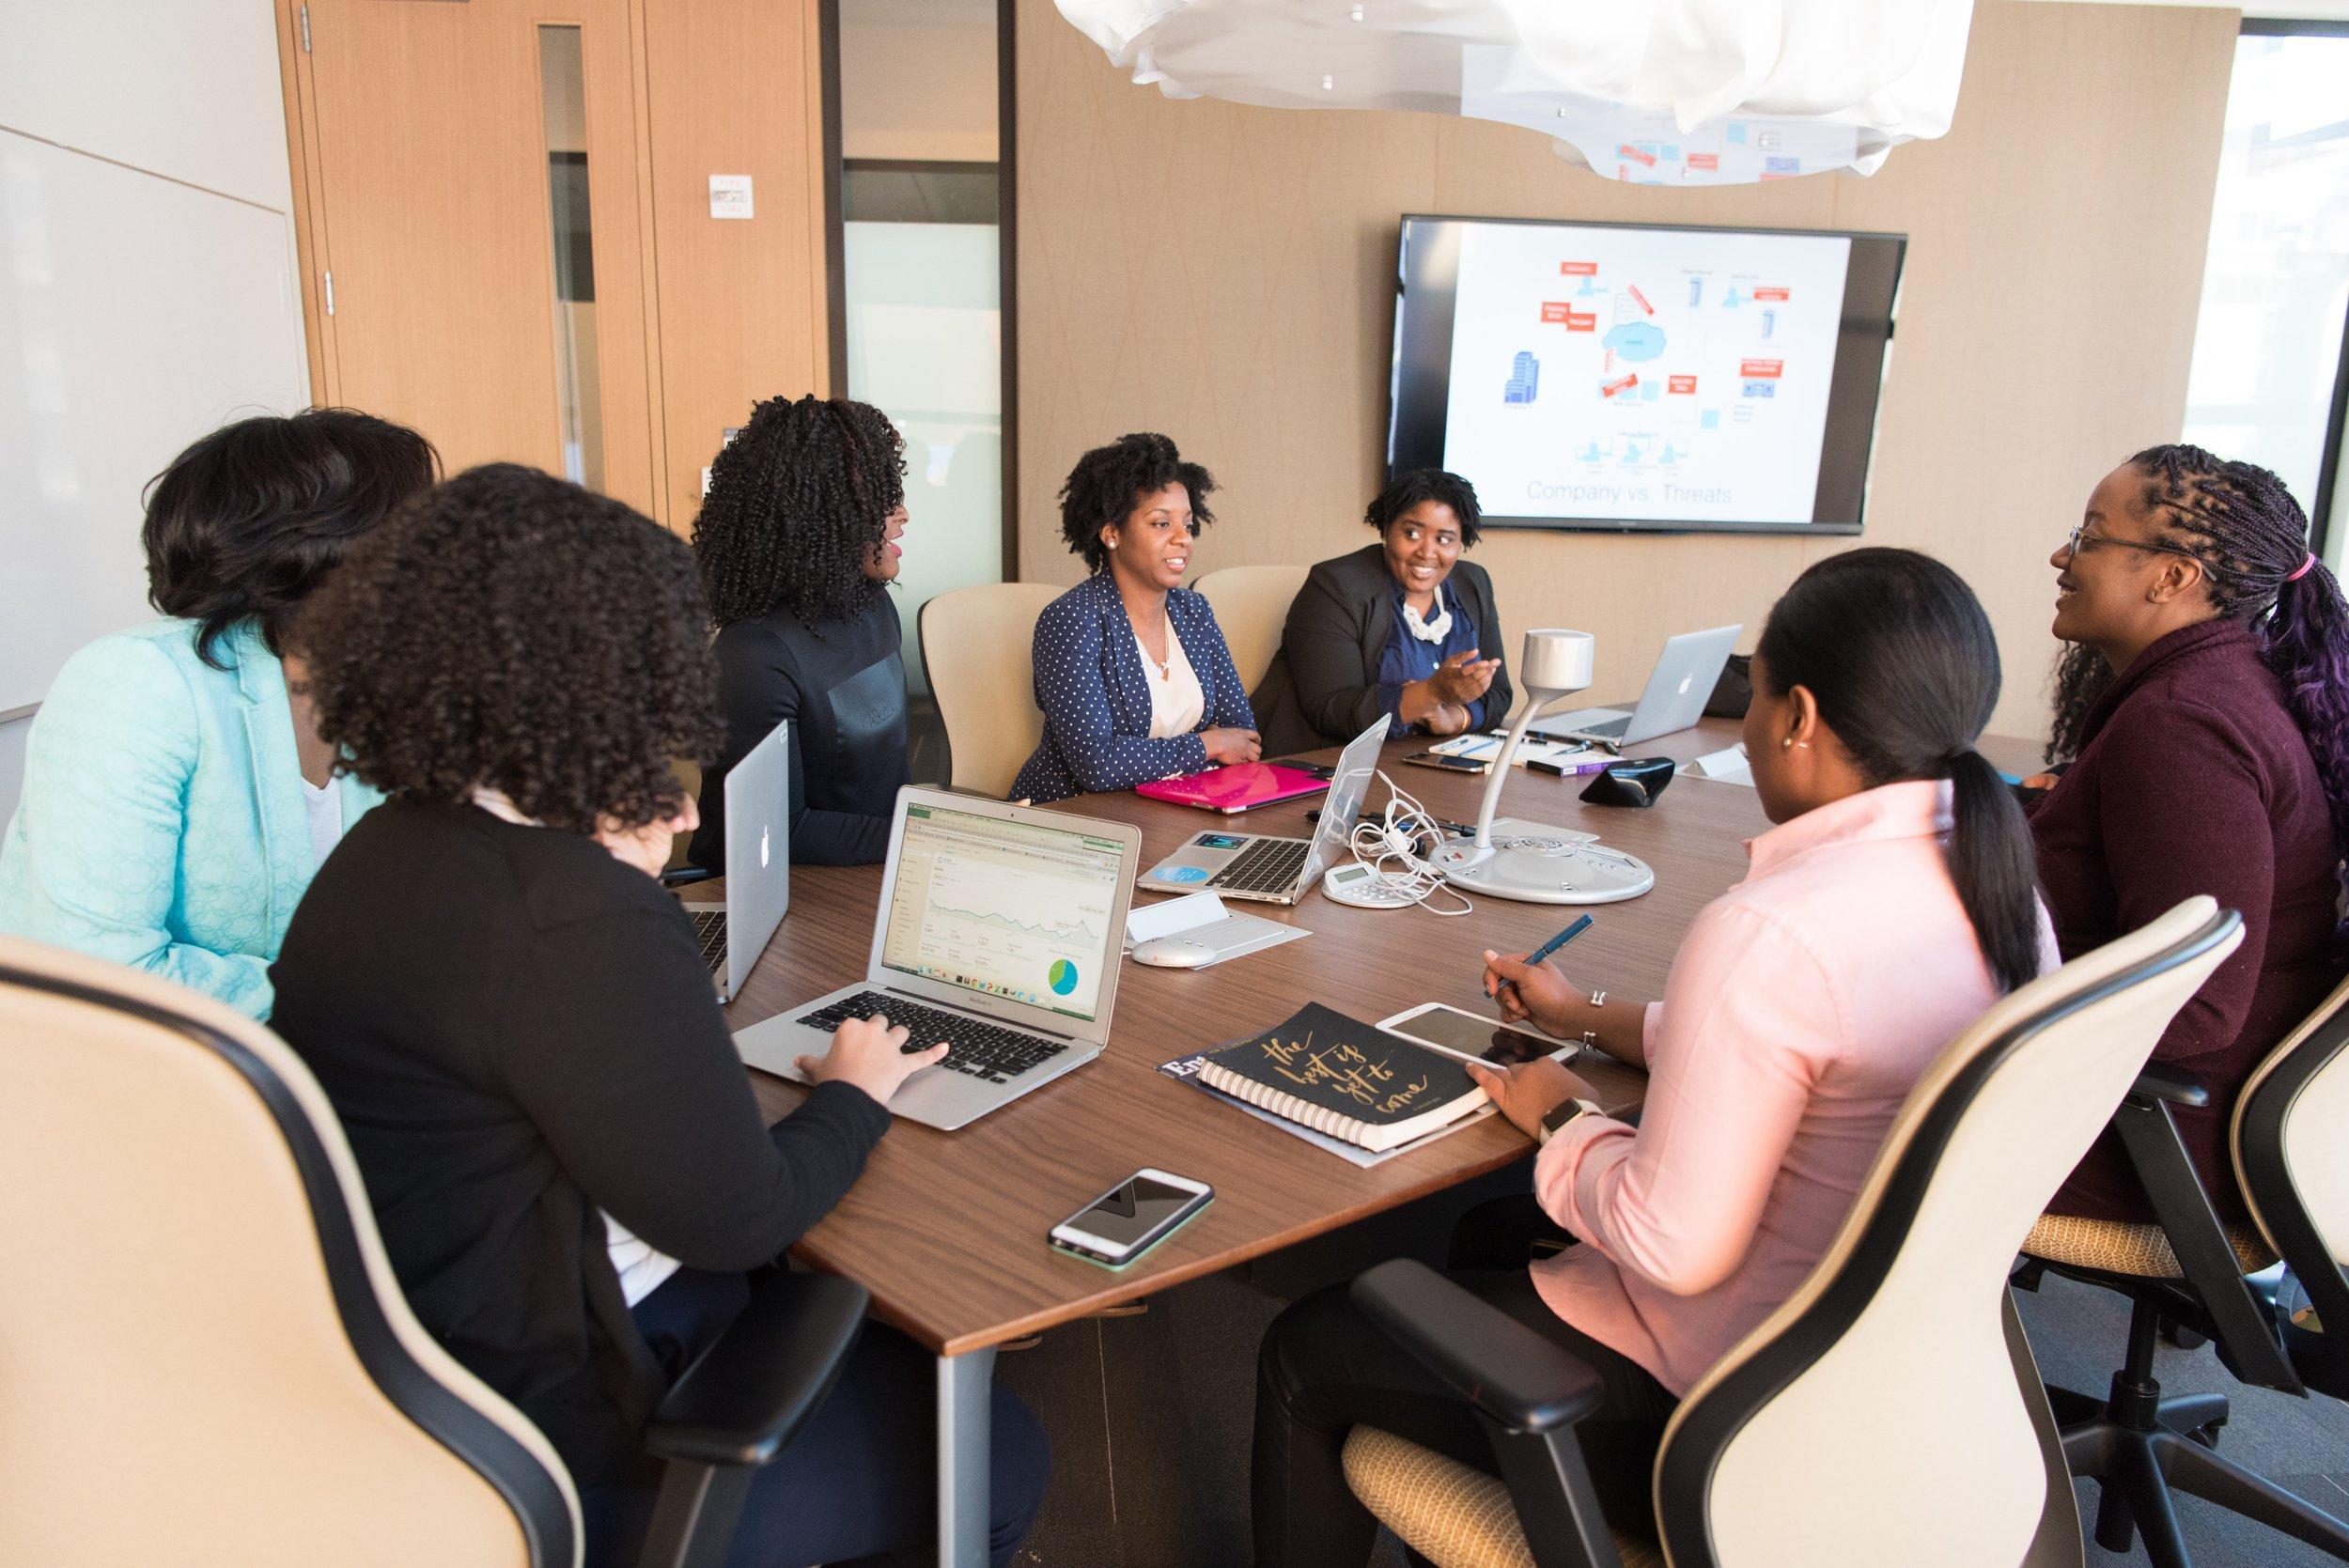 adult-brainstorming-colleagues-1181355.jpg